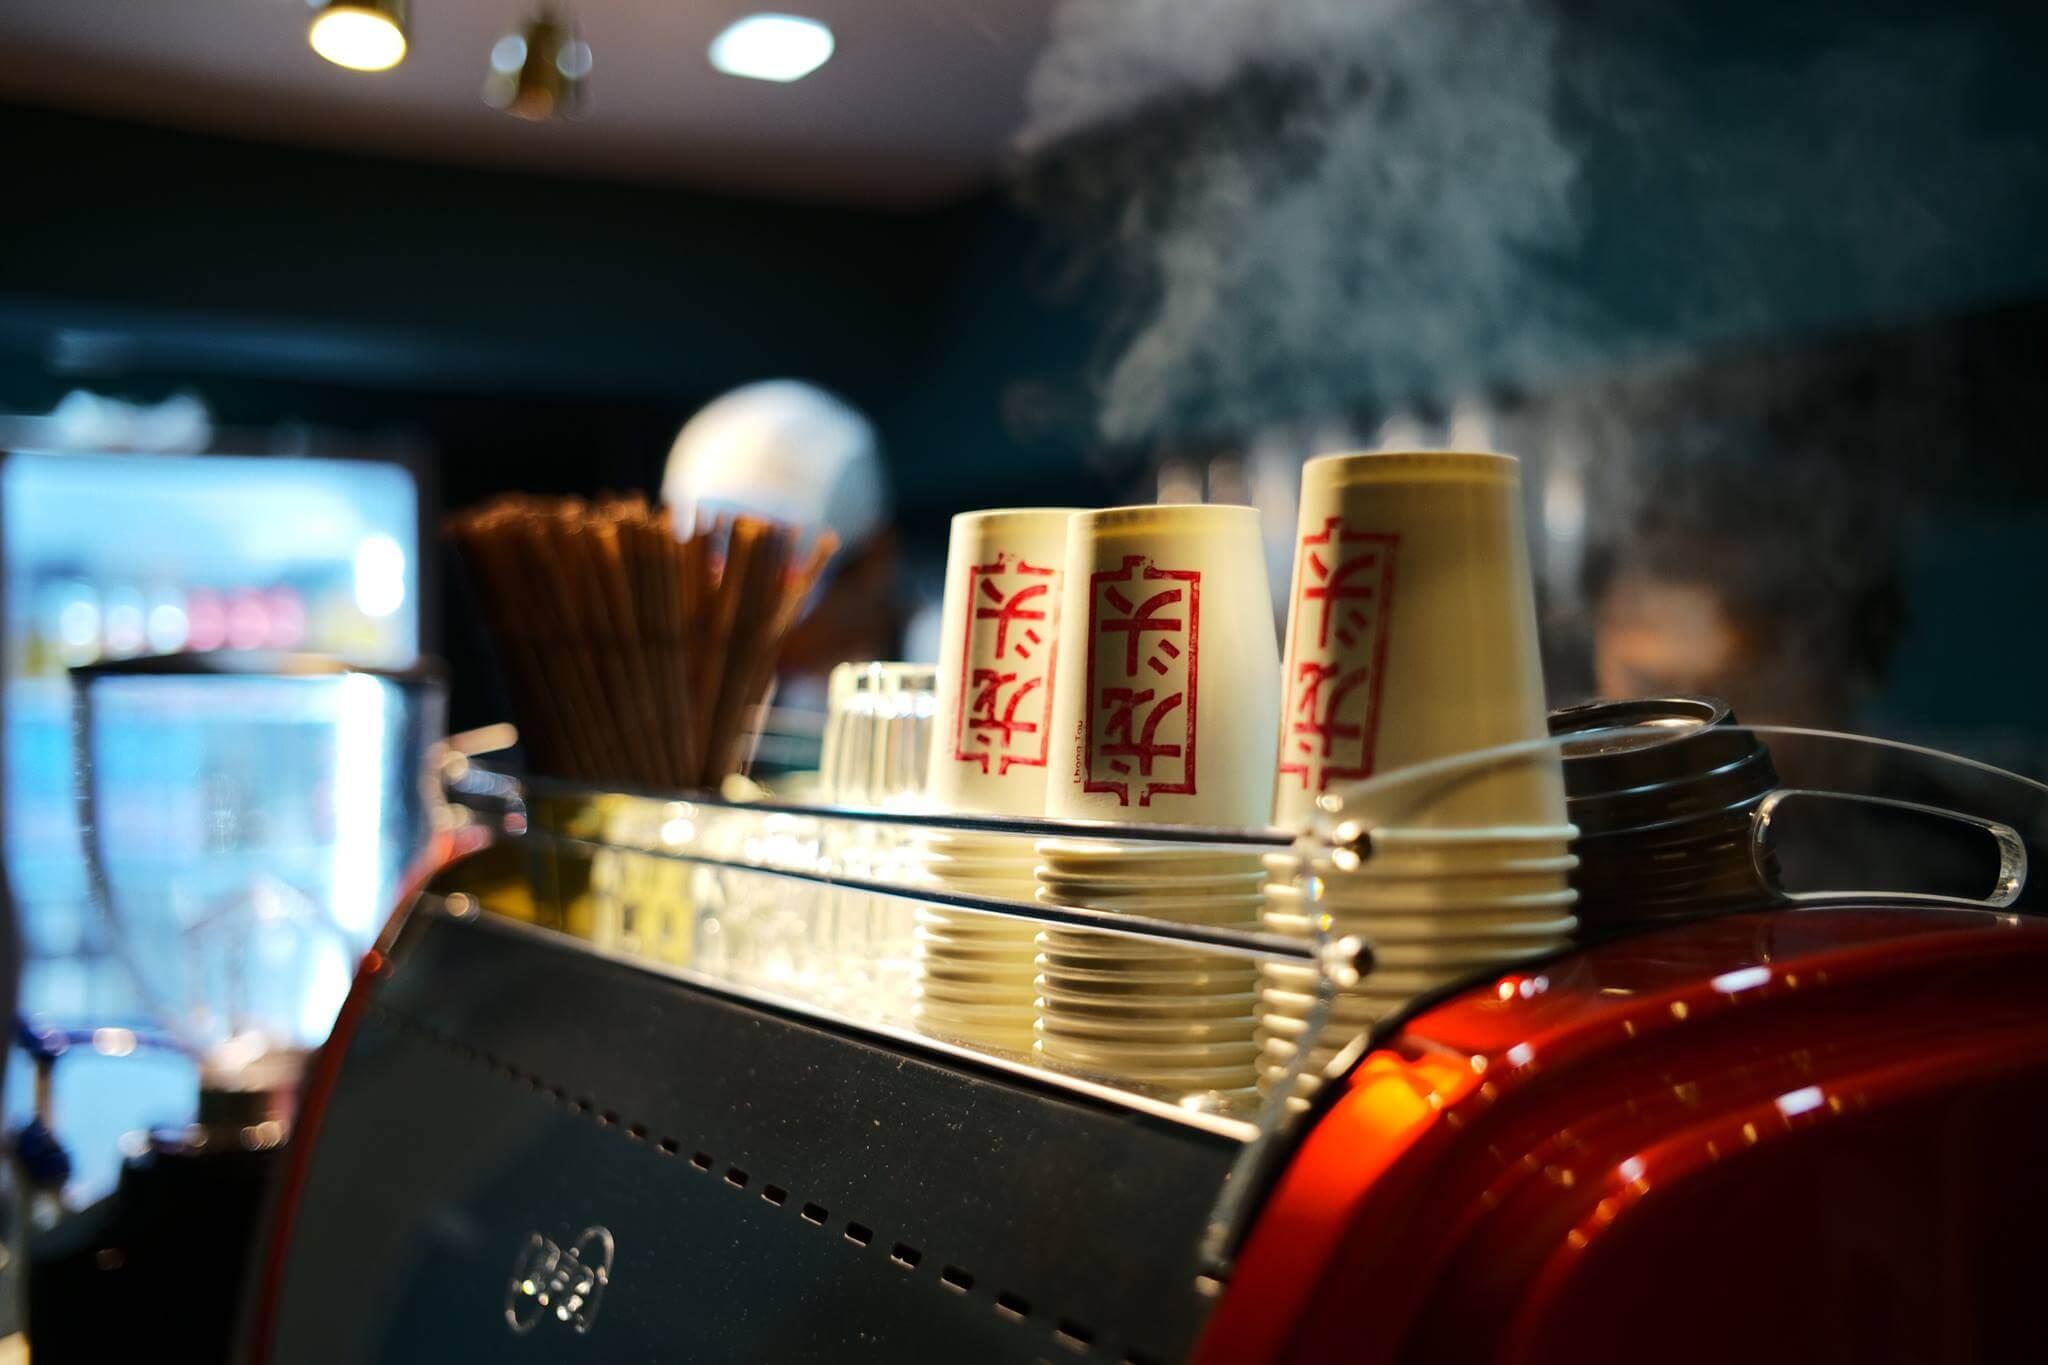 Lhong Tou Cafe ย่านเยาวราช คาเฟ่สไตล์จีน